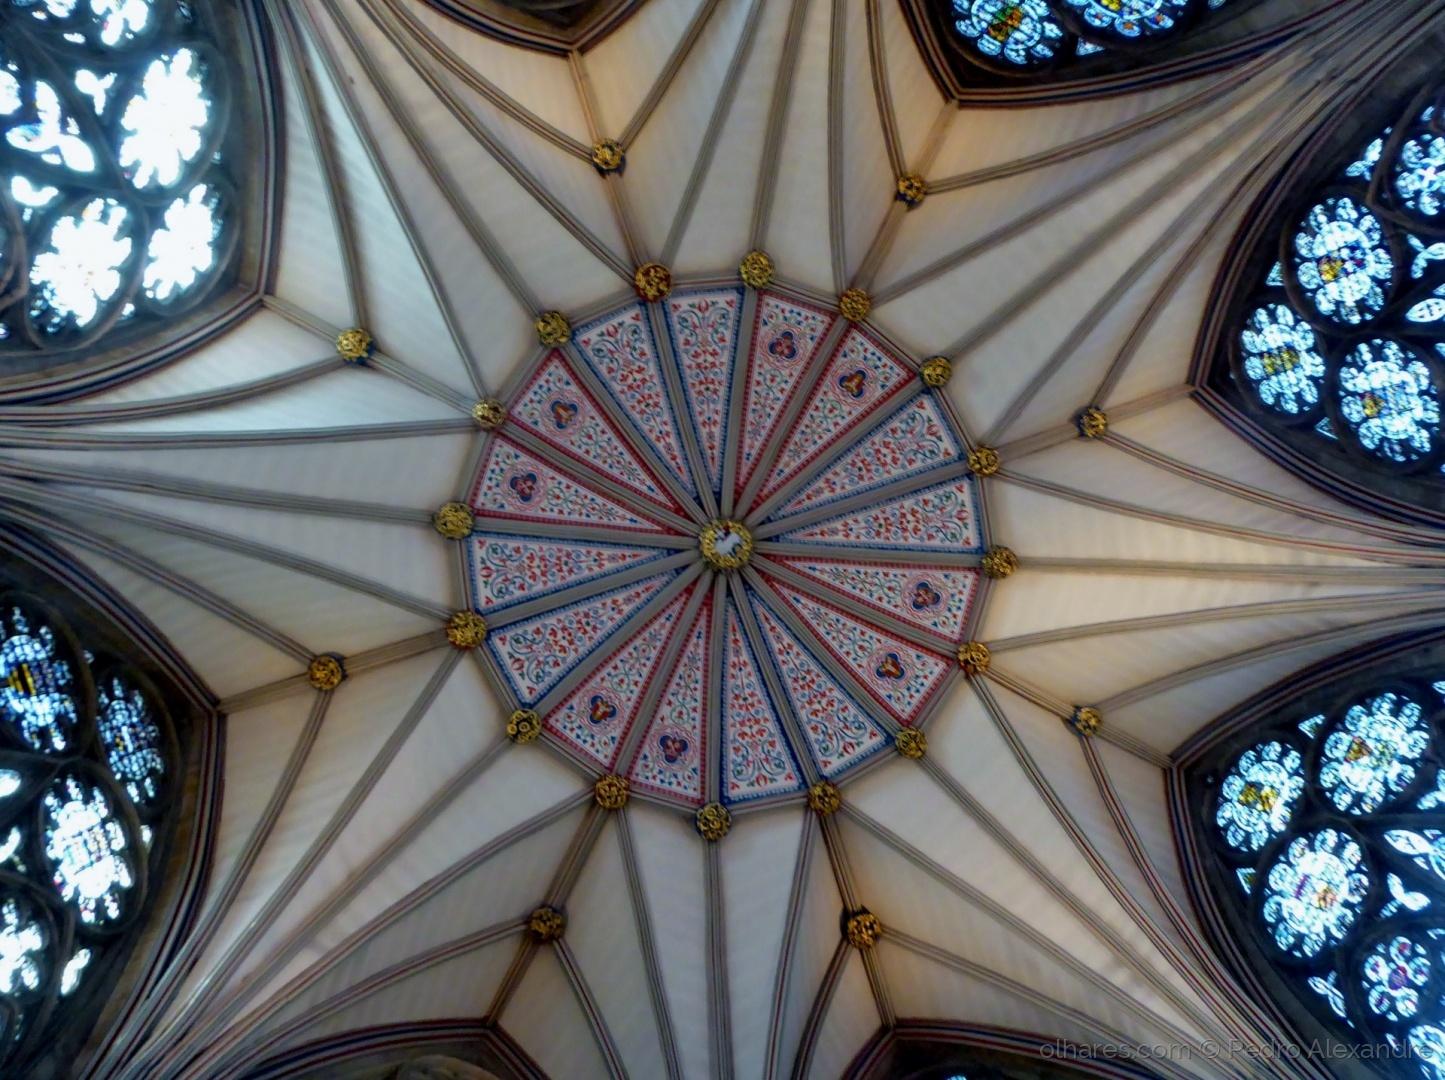 História/Pormenor de uma cúpula em York